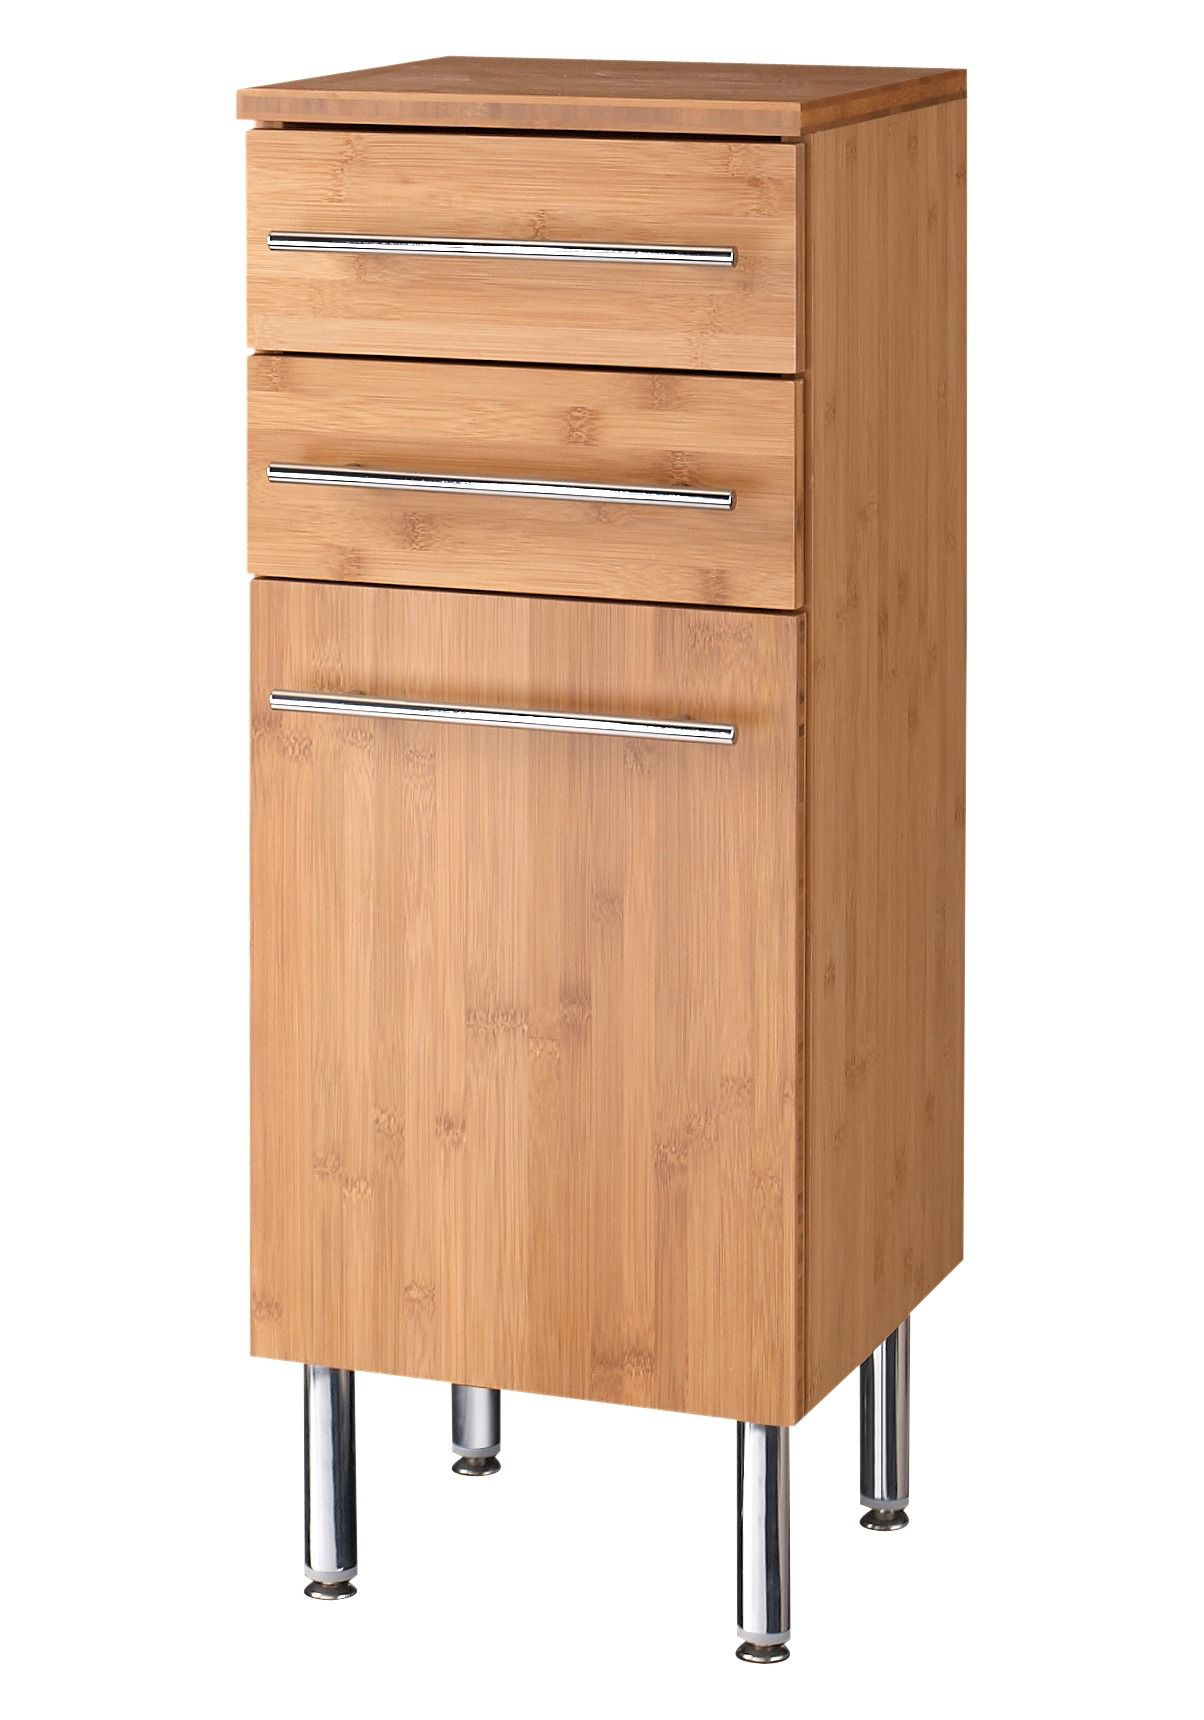 schildmeyer unterschrank topline bambus breite 32 cm schwab versand bad unterschr nke. Black Bedroom Furniture Sets. Home Design Ideas